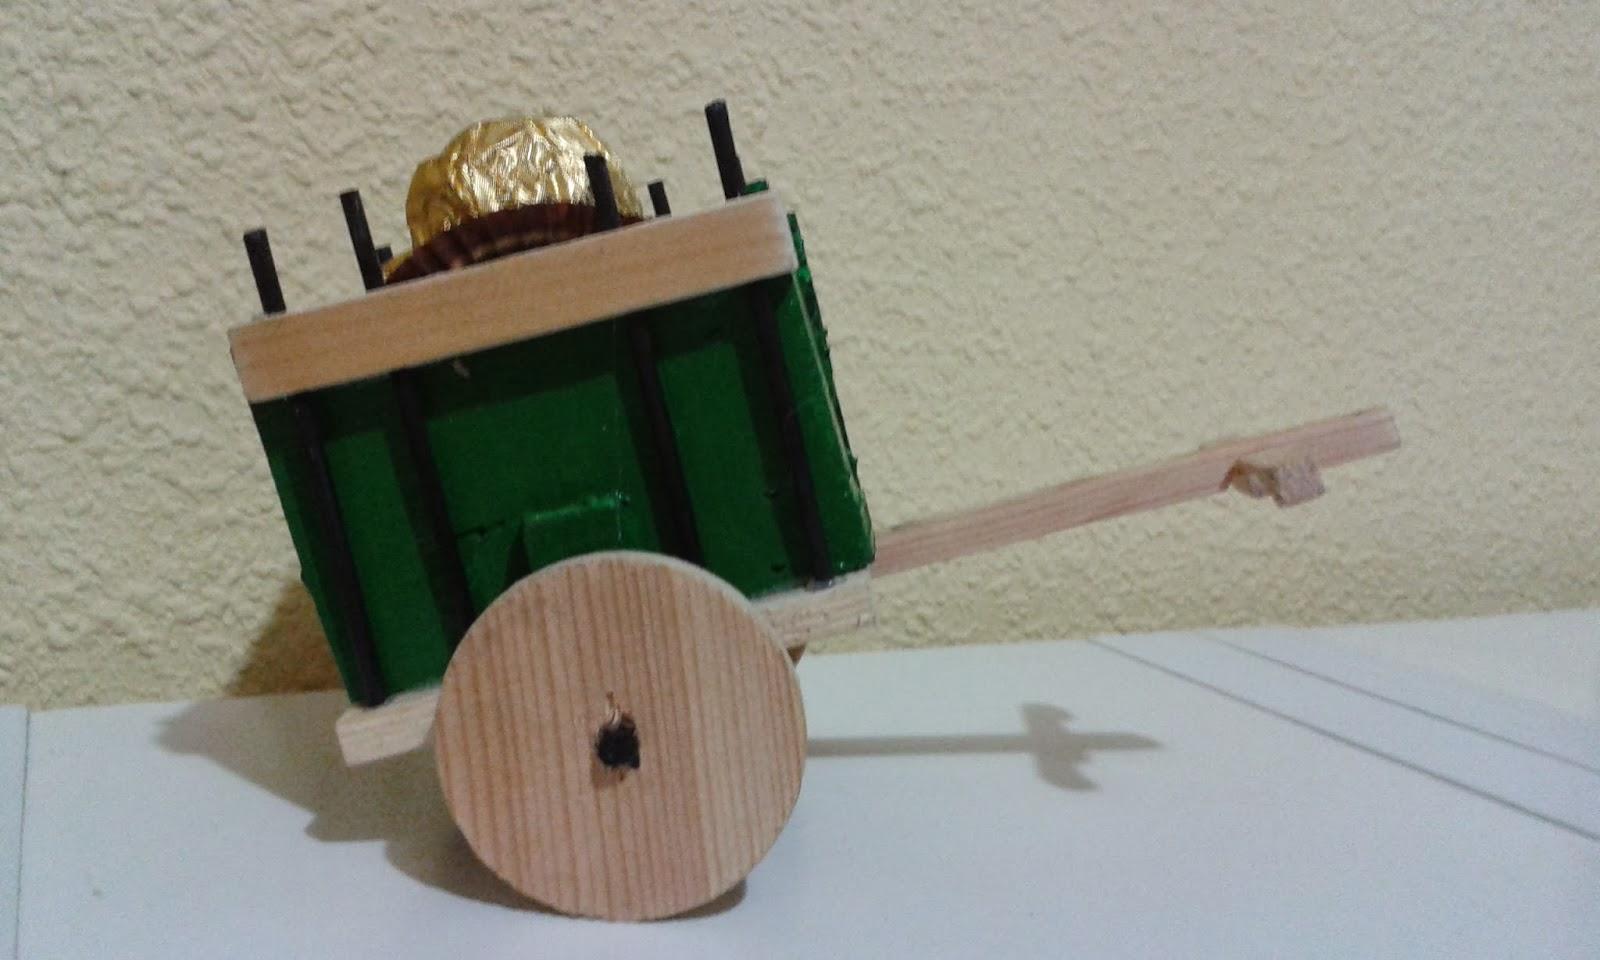 El Rinconcito De Saray Carros Con Madera Reciclada ~ Manualidades De Madera Reciclada